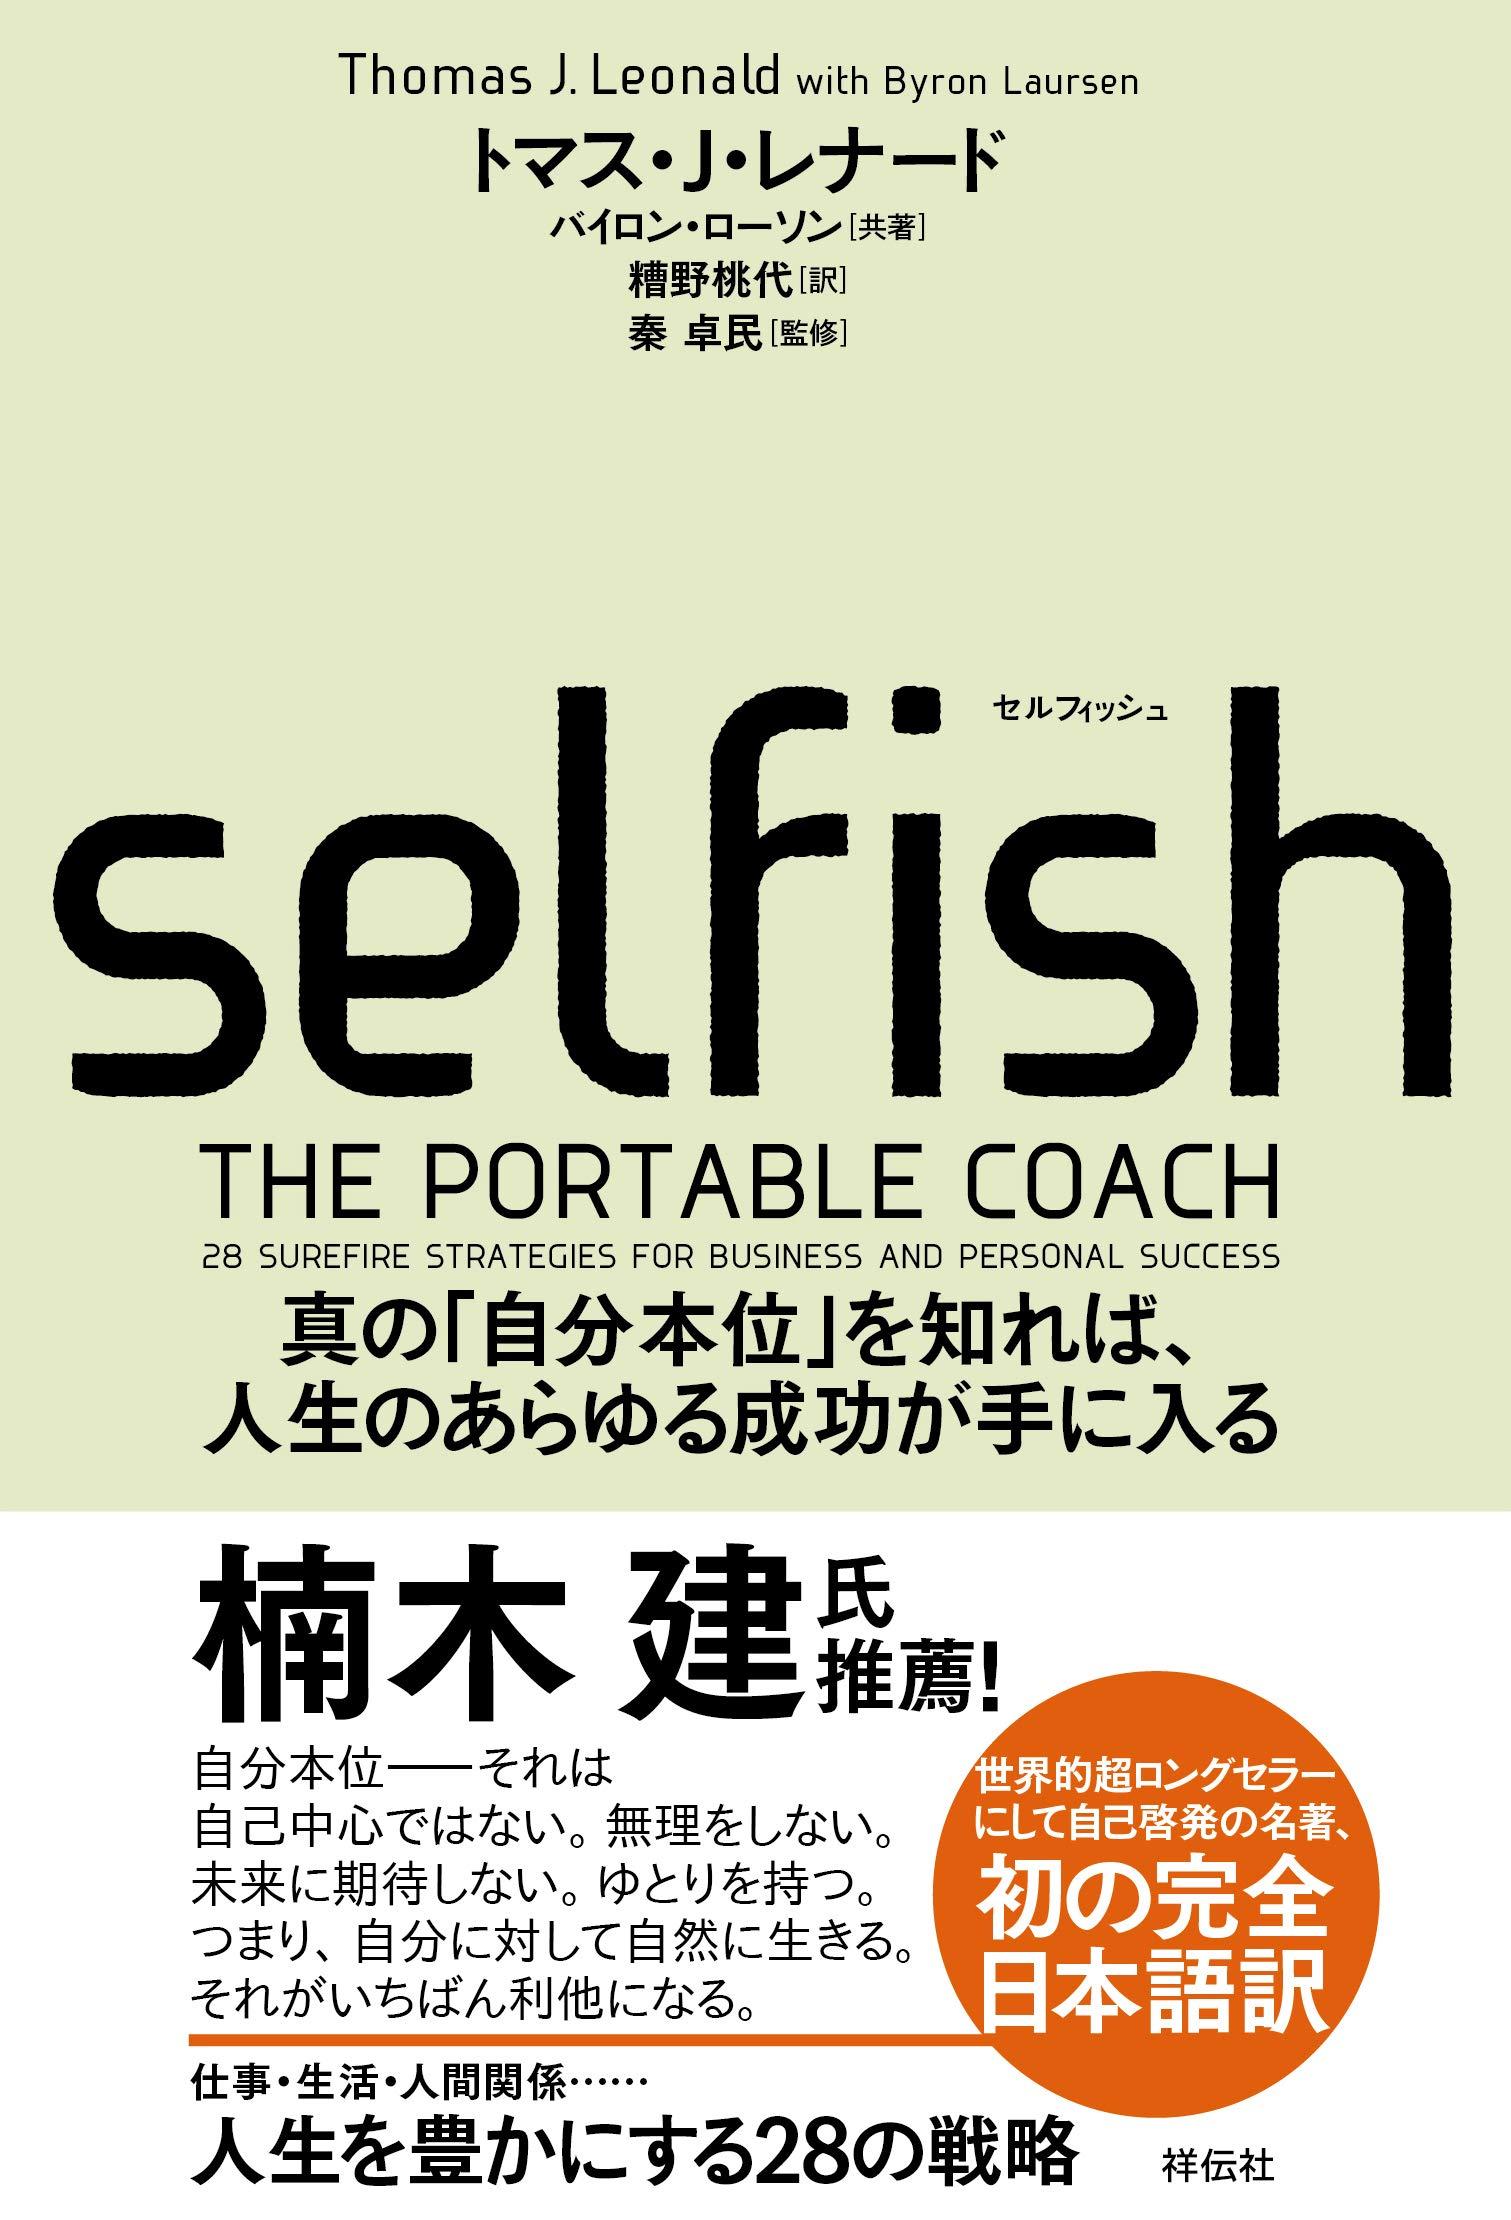 トマス・J・レナード『SELFISH(セルフィッシュ) 』要約と感想!真の「自分本位」とは?